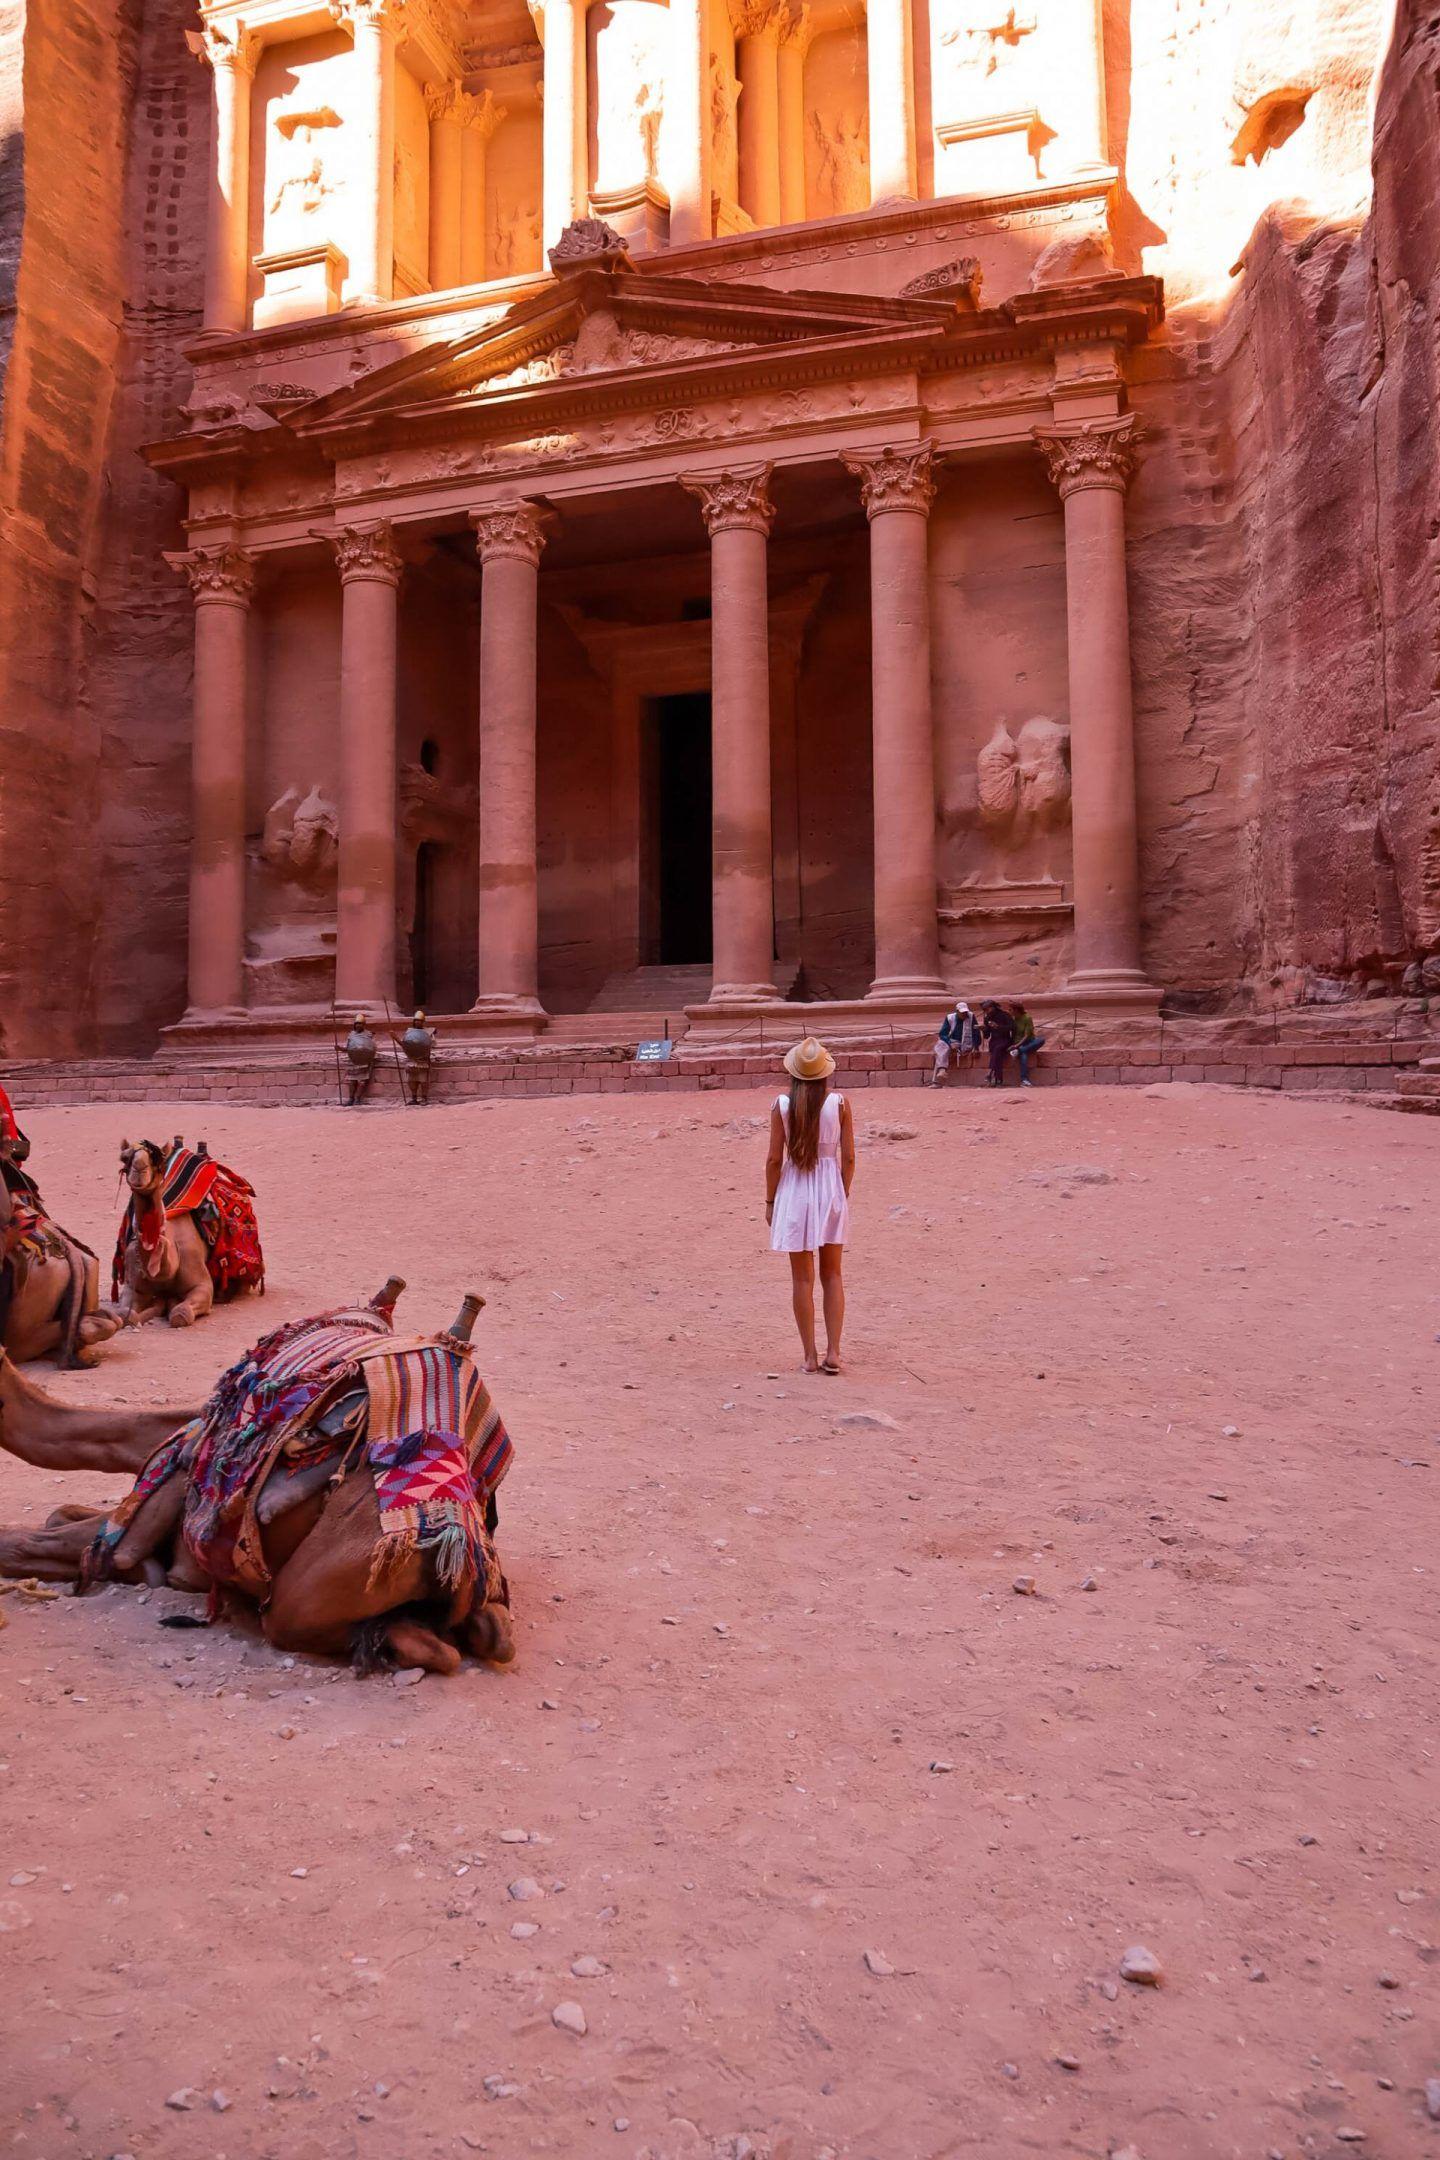 The Must-See Sites in Petra, Jordan #petrajordan